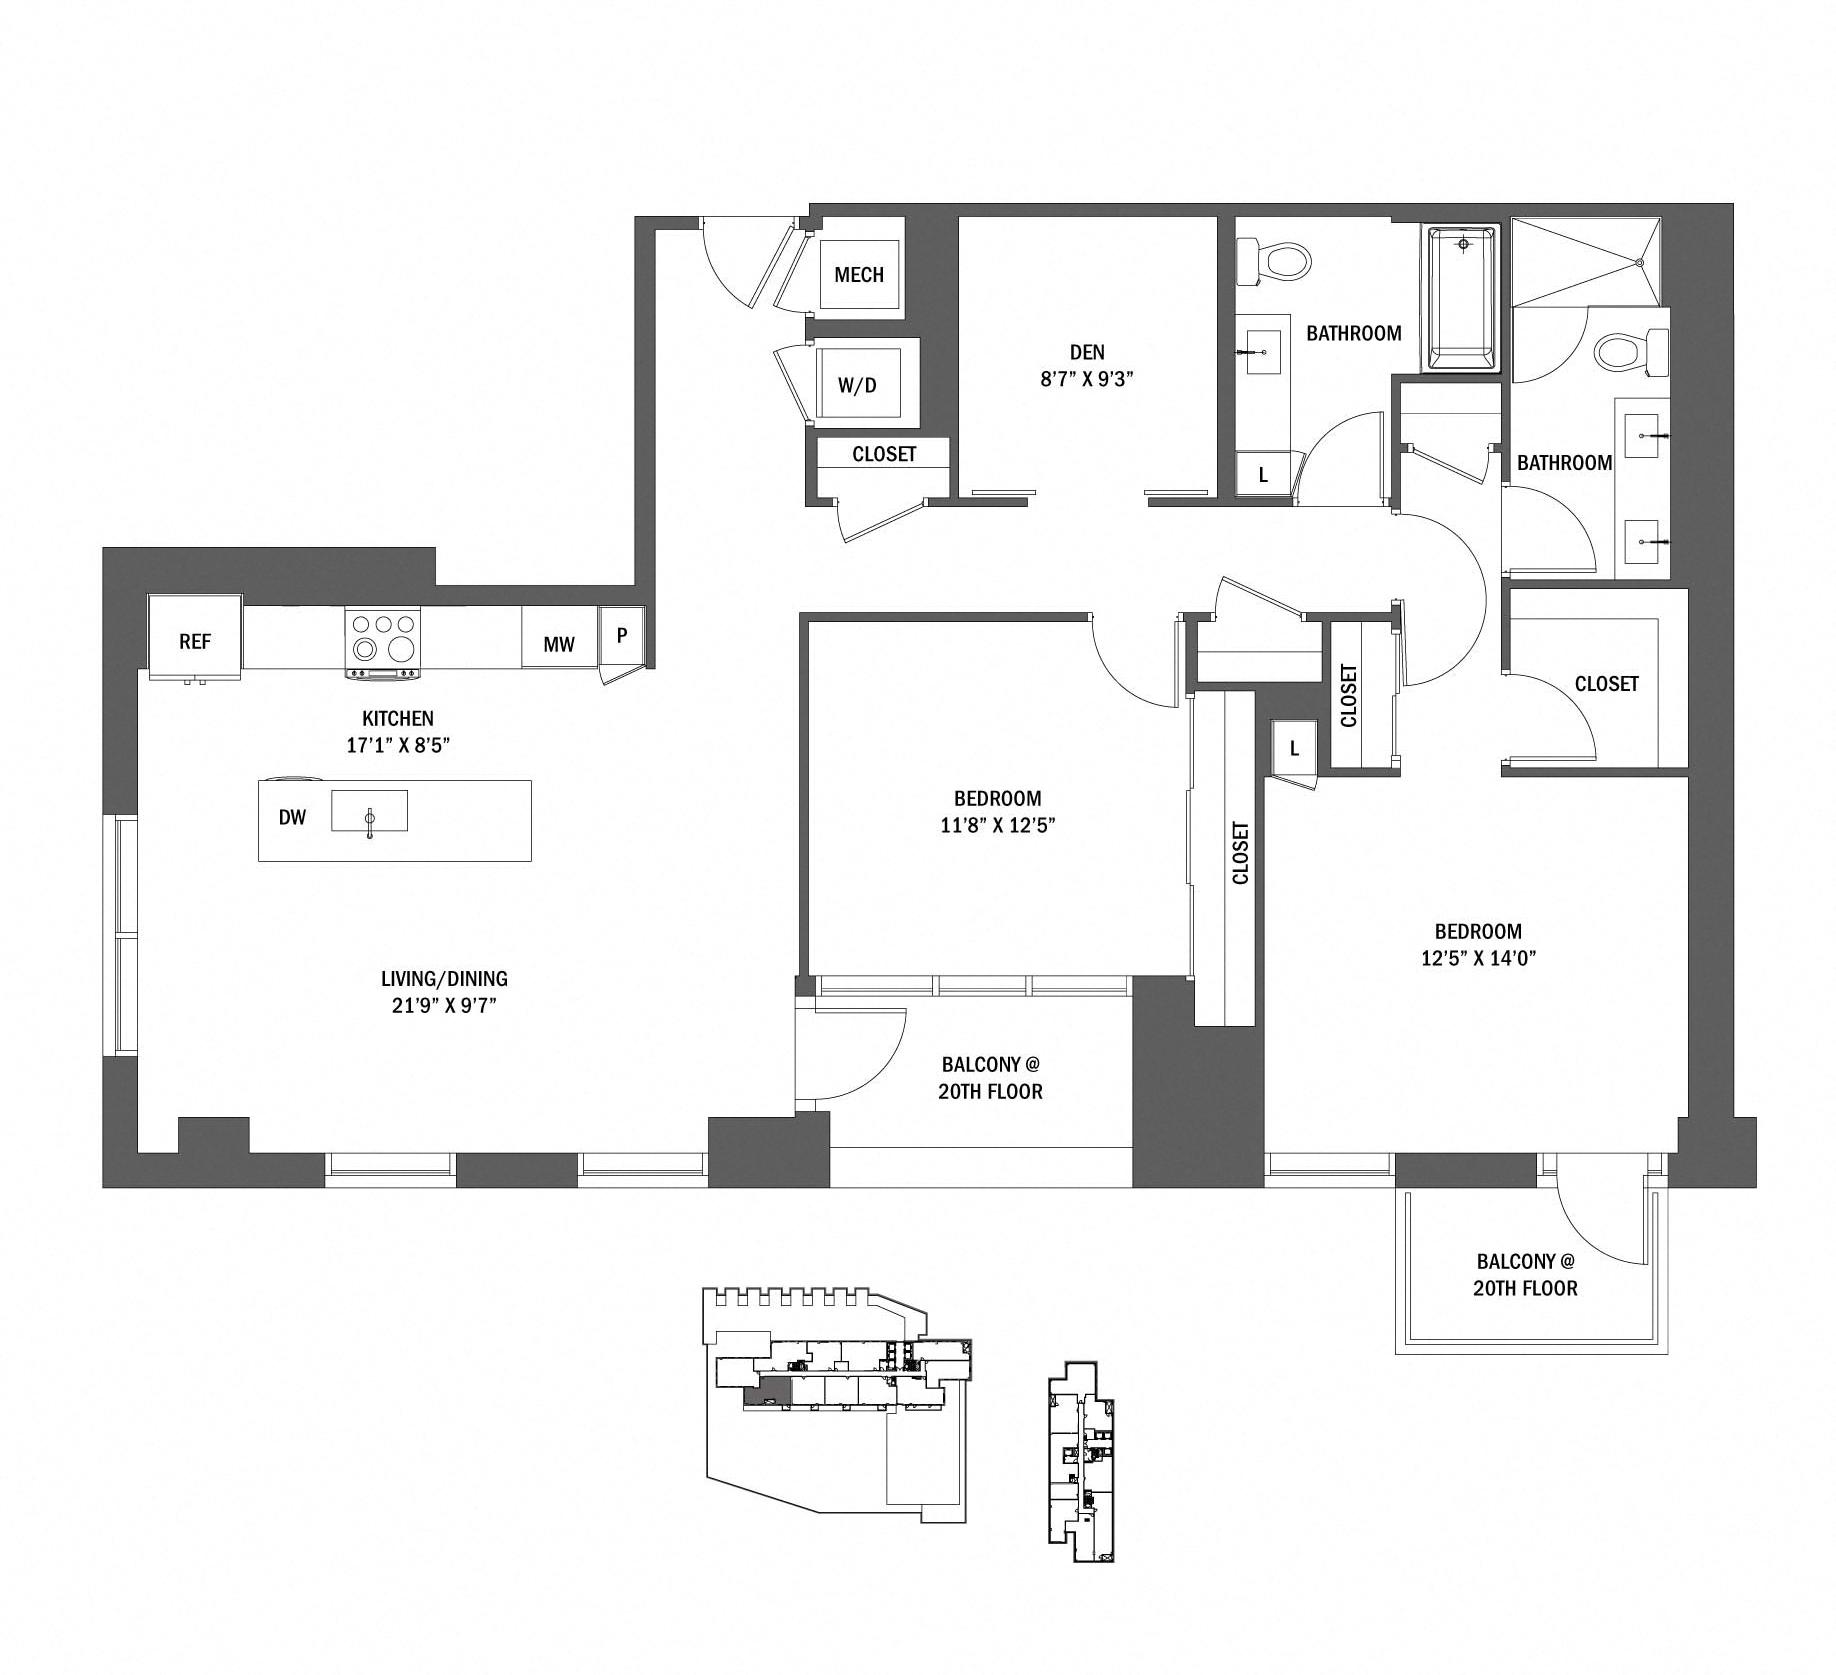 P0625338 w07 p 2 floorplan